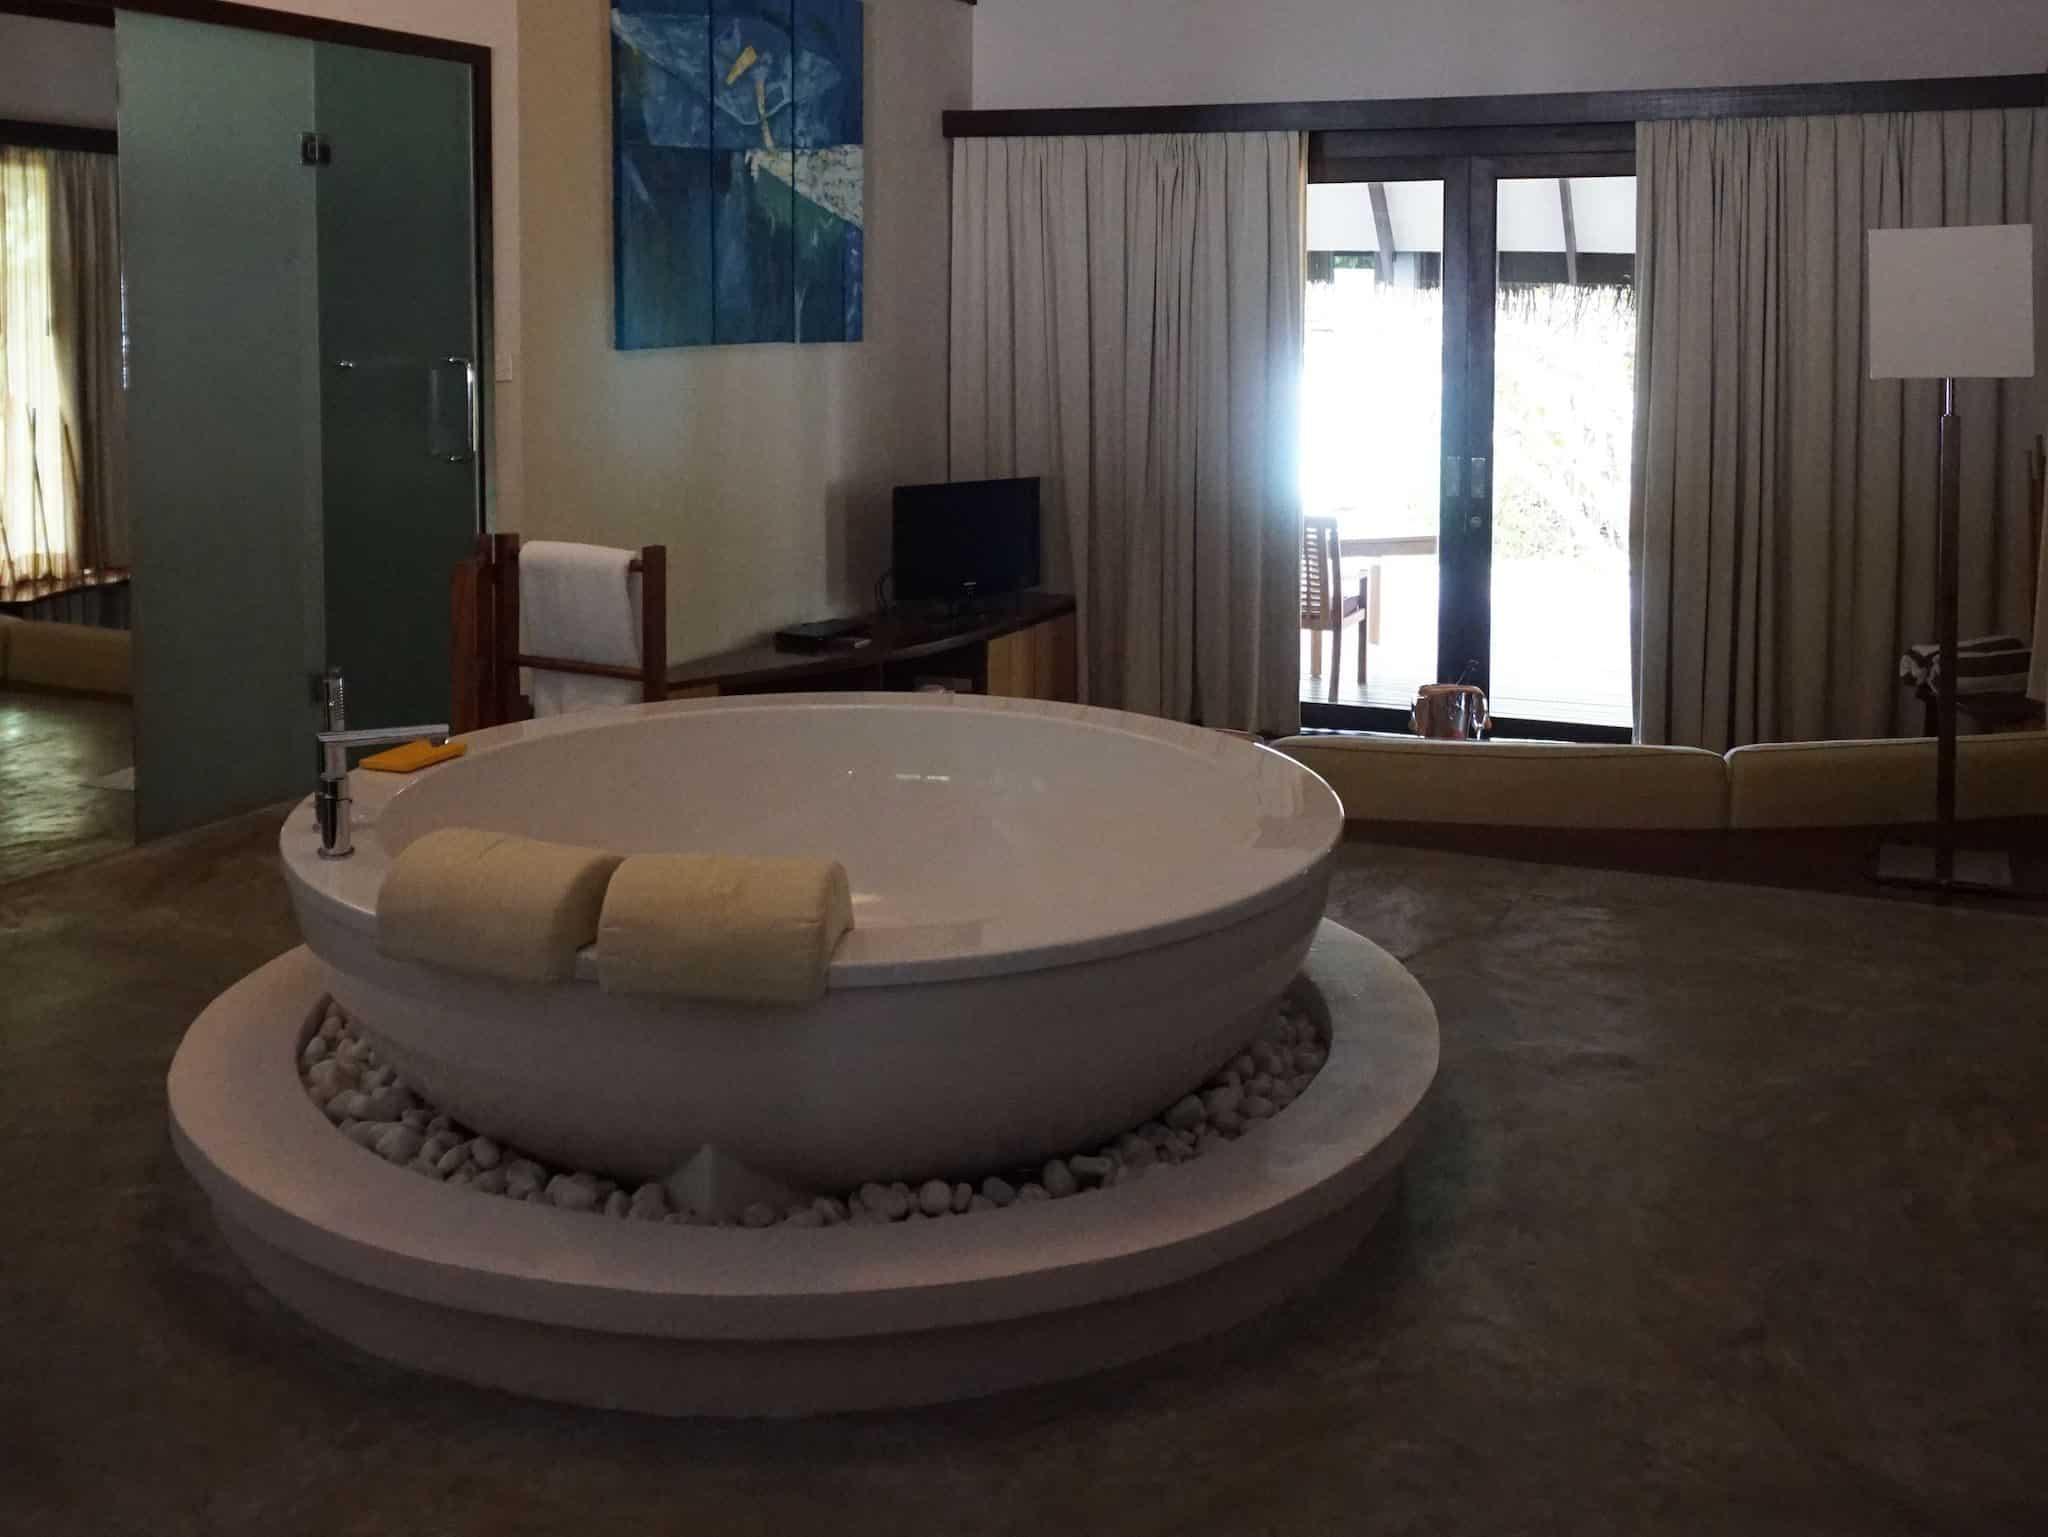 Whirlpool im Wohnzimmer: Die Villen auf den Resortinseln sind mit allen erdenklichen Annehmlichkeiten ausgestattet. Foto: Sascha Tegtmeyer